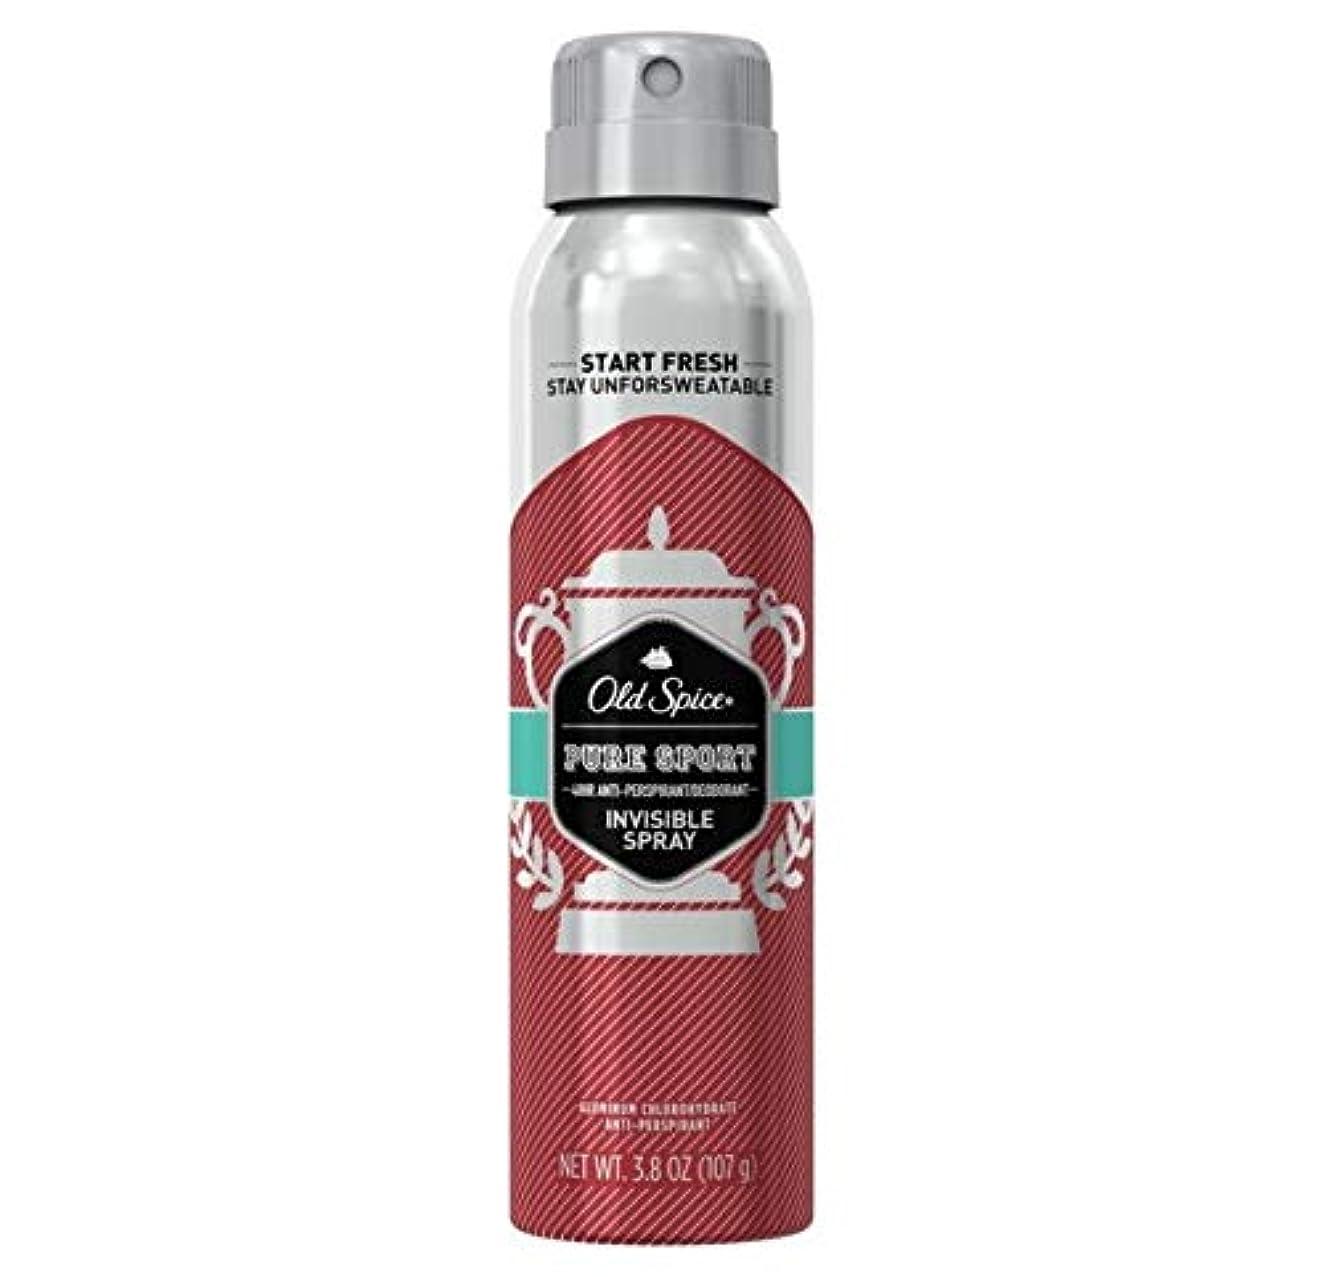 頬バーマド捧げるOld Spice Pure Sport Invisible Spray Antiperspirant and Deodorant - 3.8oz オールドスパイス インビジブルスプレー ピュアスポーツ 107g [並行輸入品]